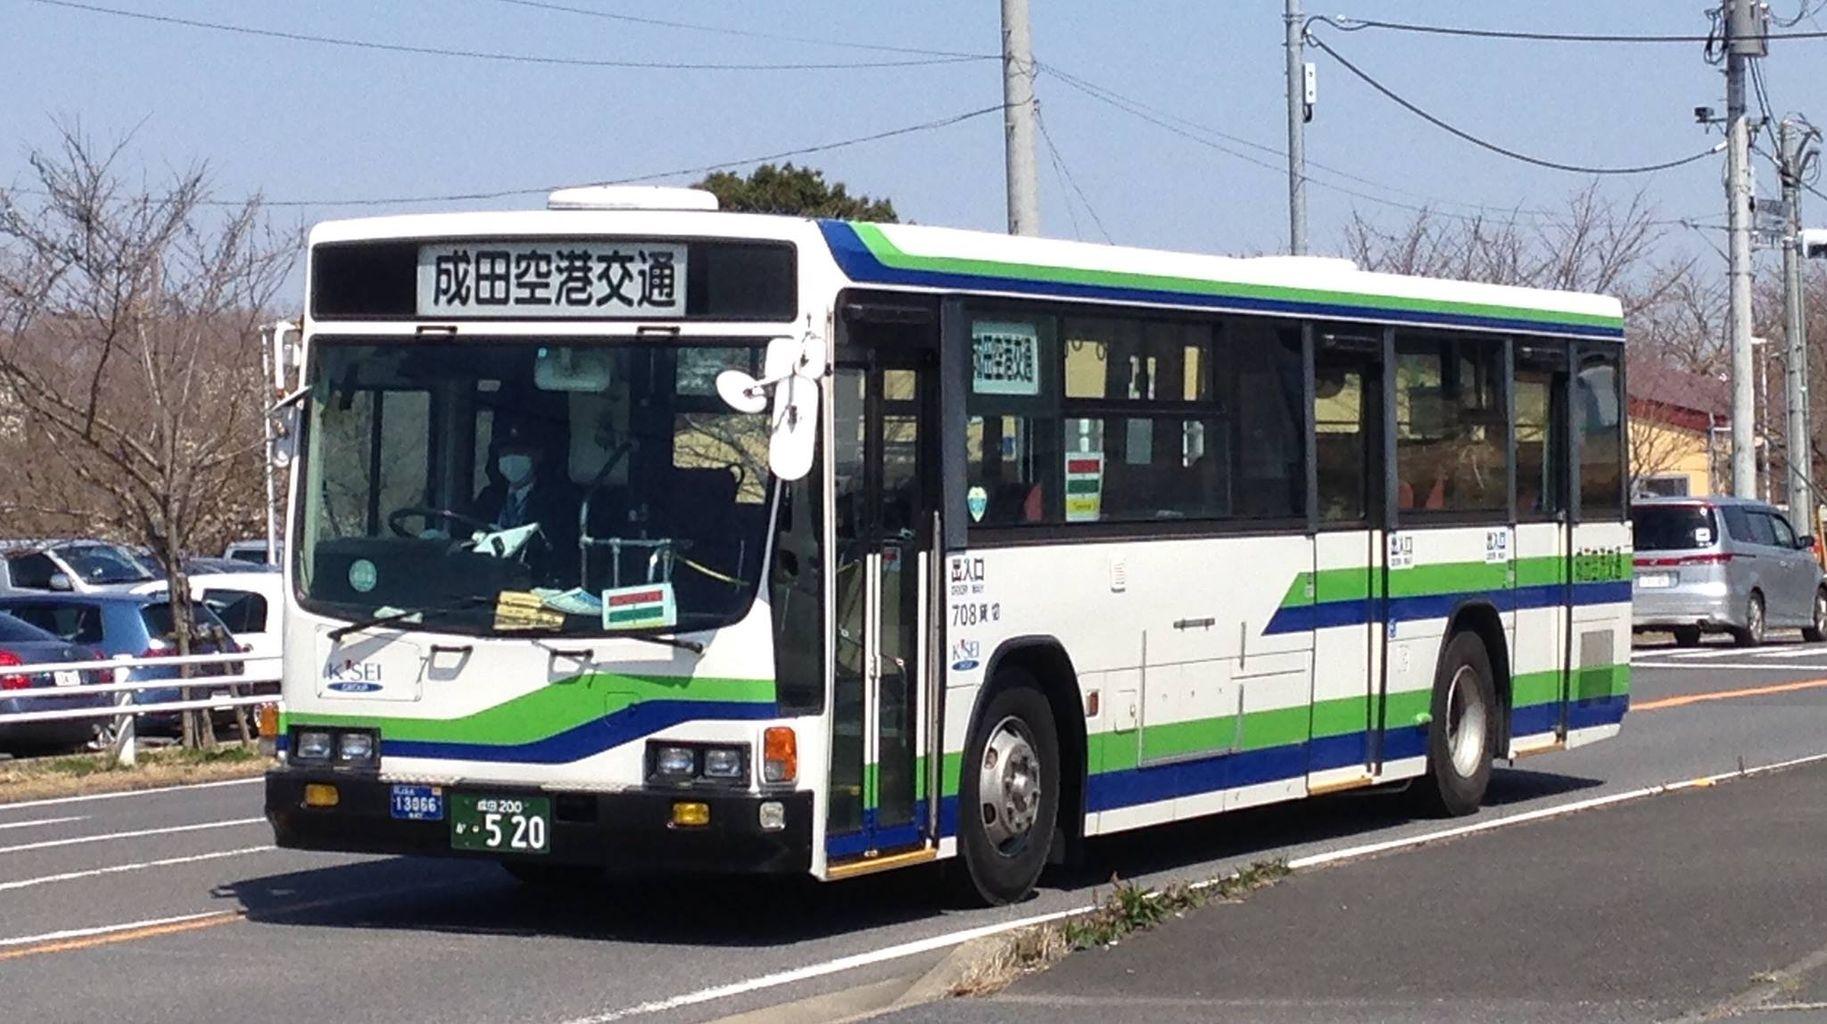 ベイシティ バス